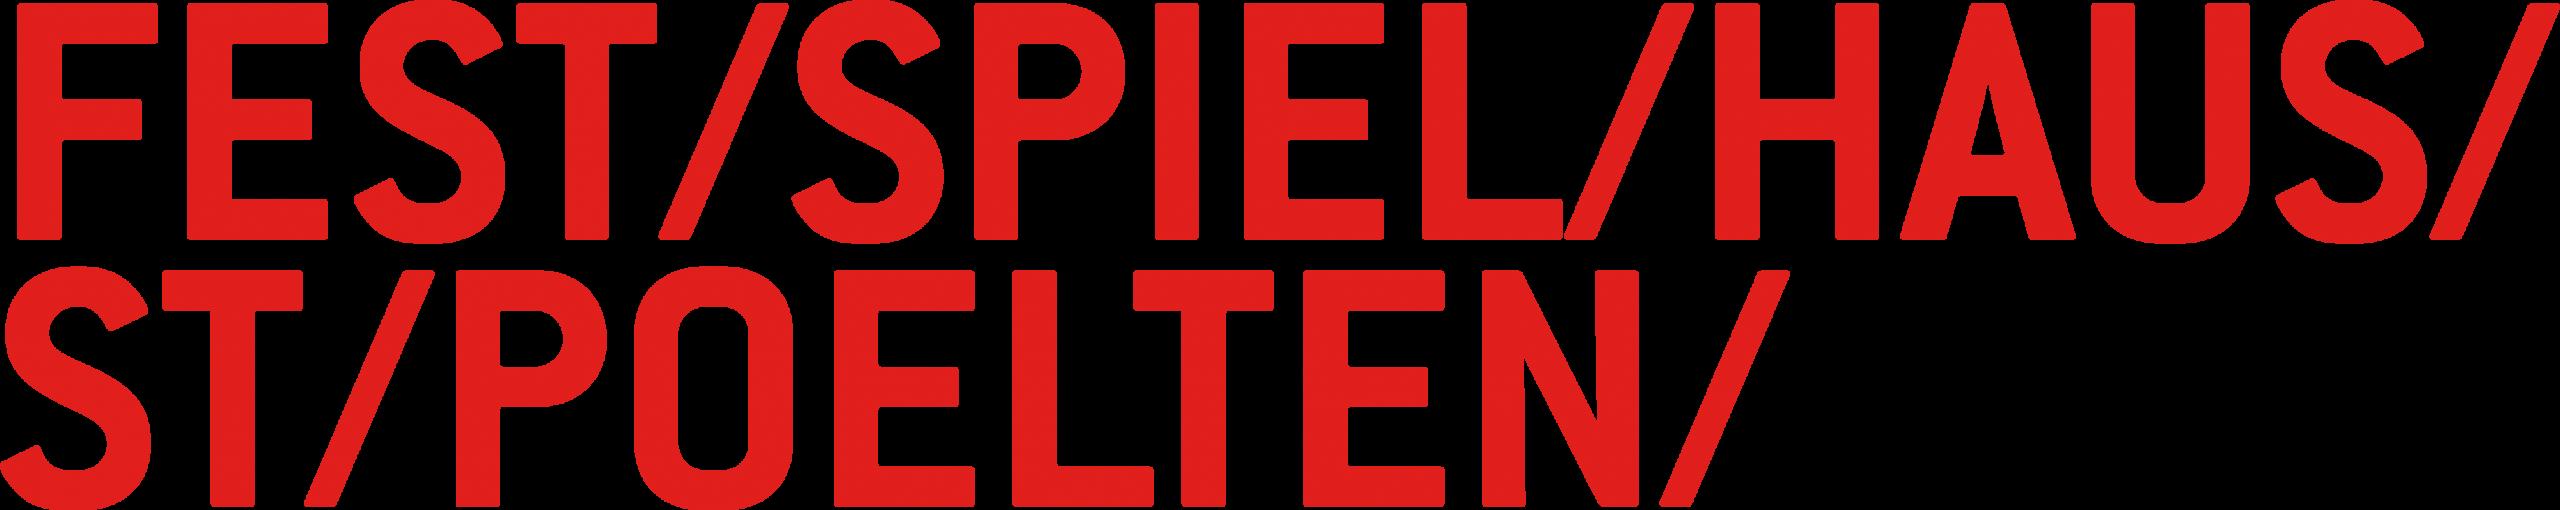 Festspielhaus Logo